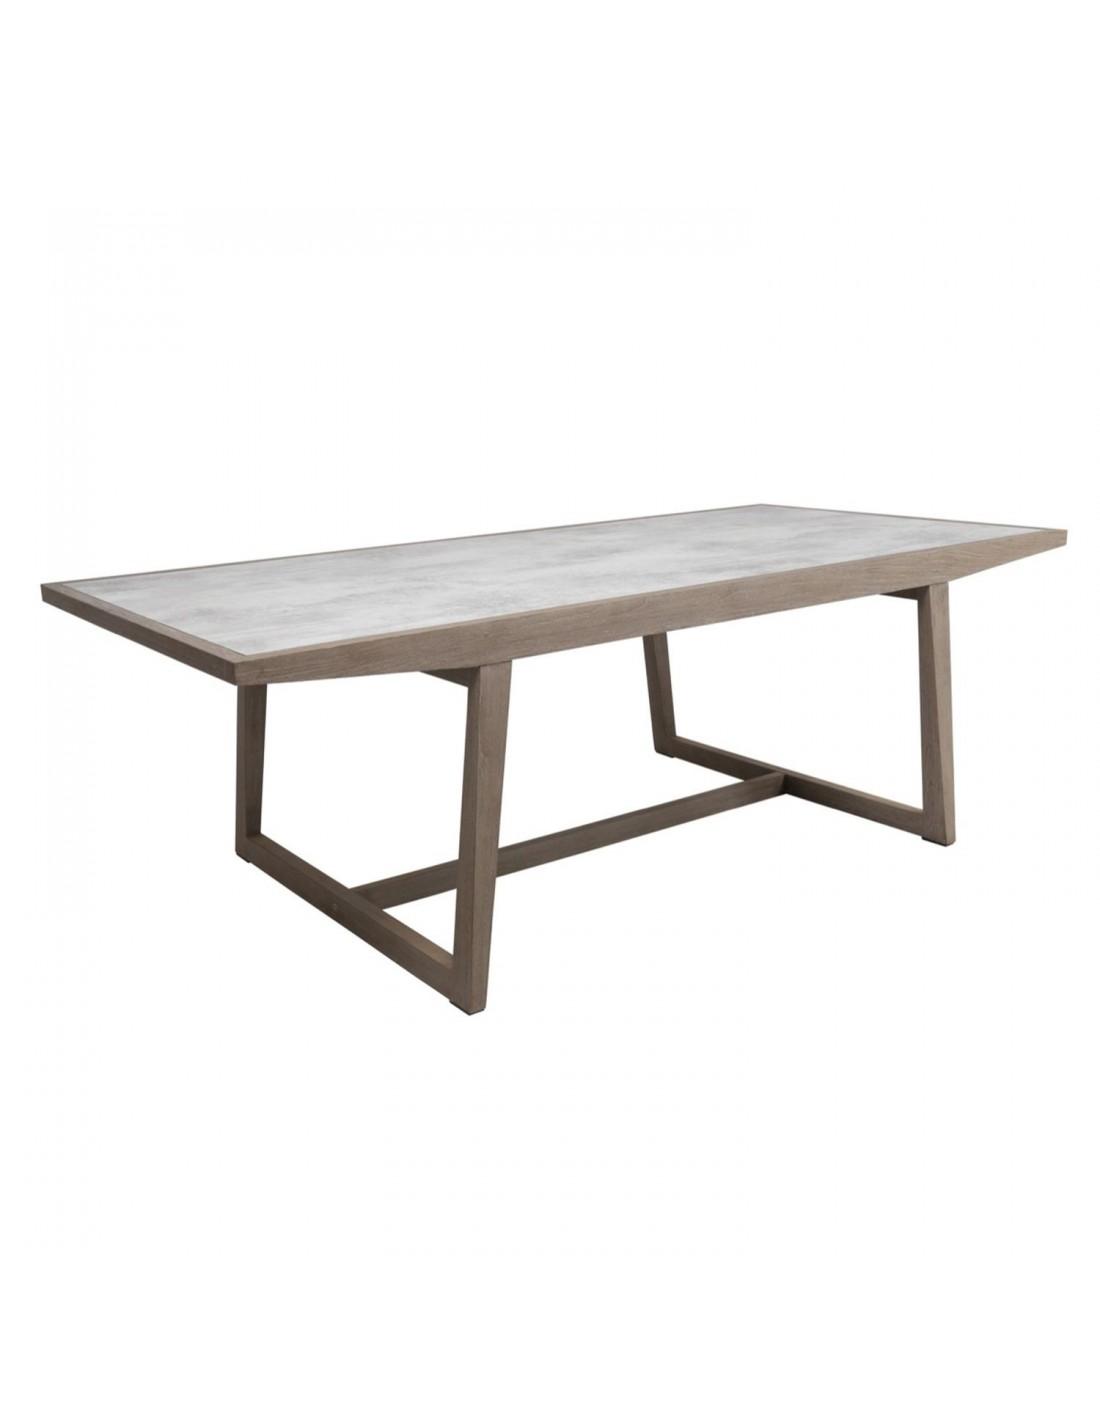 Table En Béton Ciré Et Bois table skaal 200 x 105 cm teck duratek hpl béton ciré - les jardins